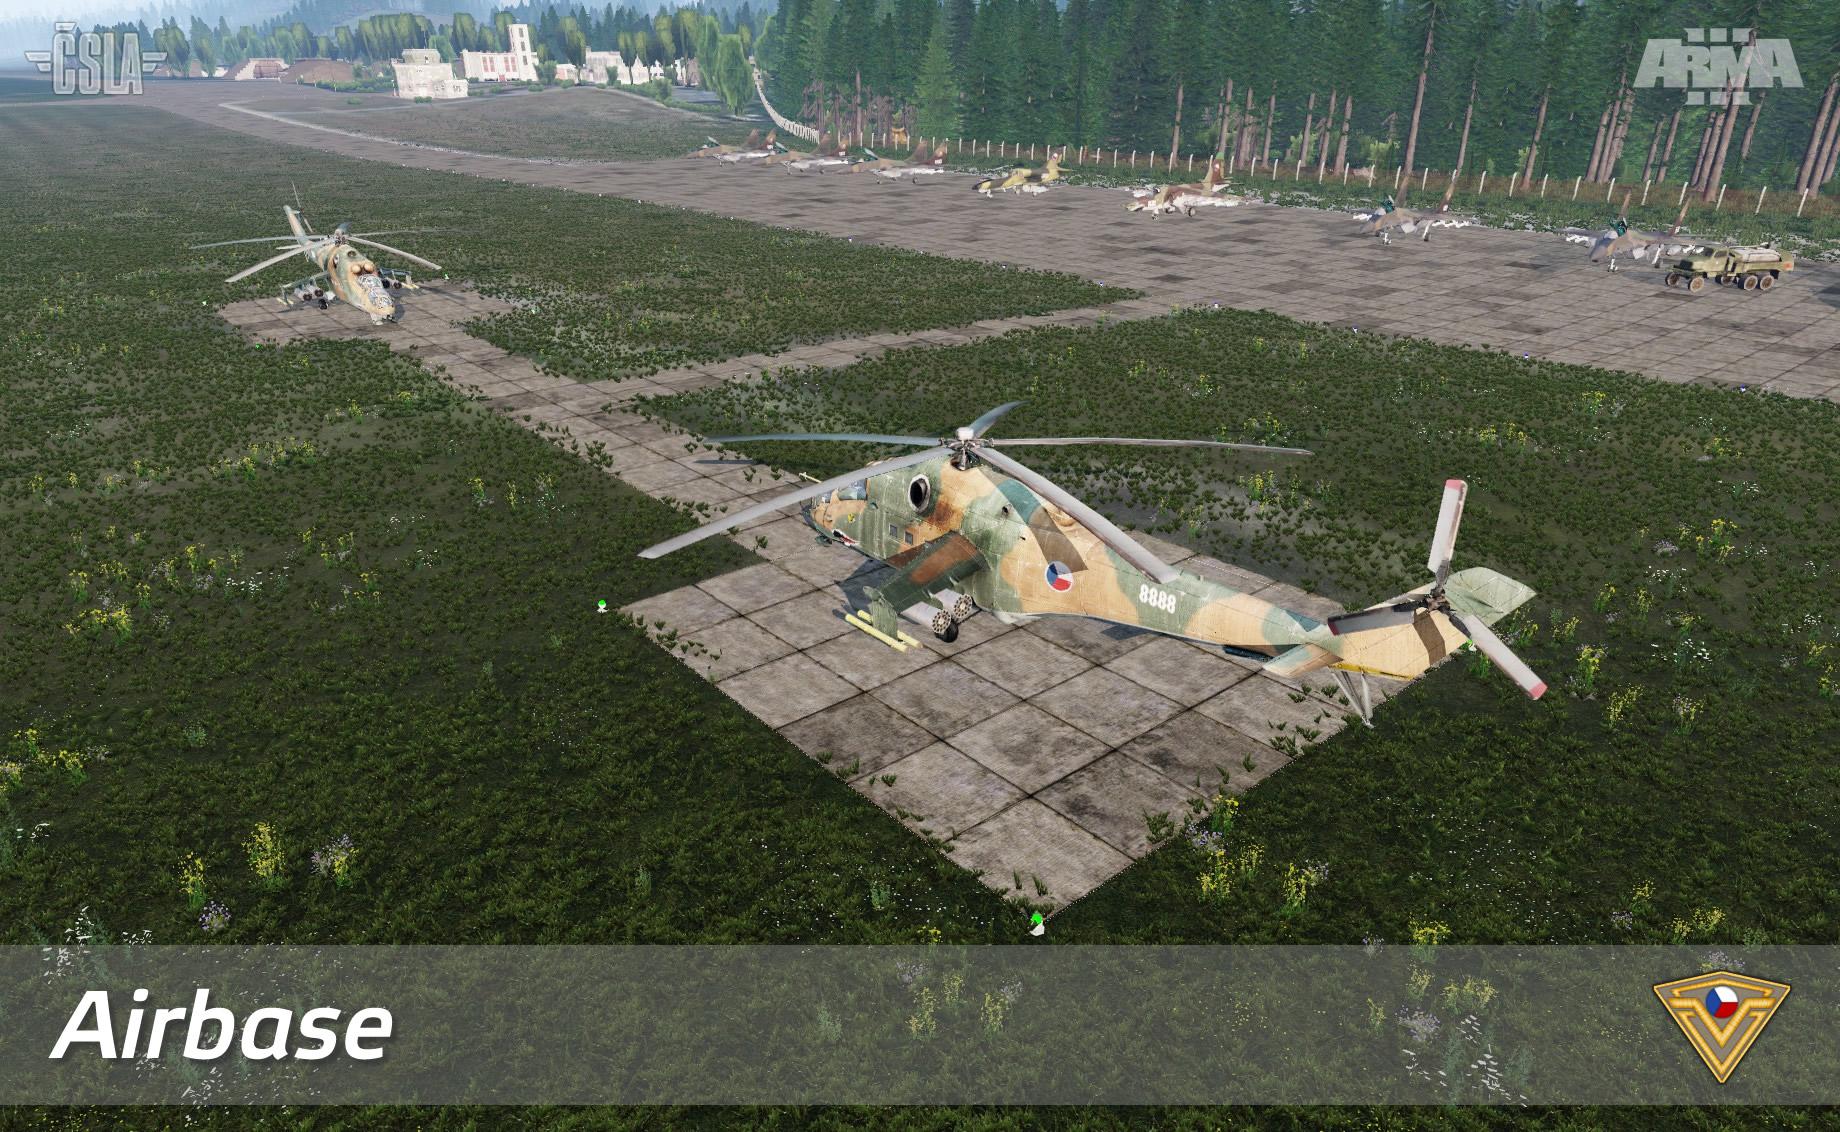 east_airbase_002.jpg